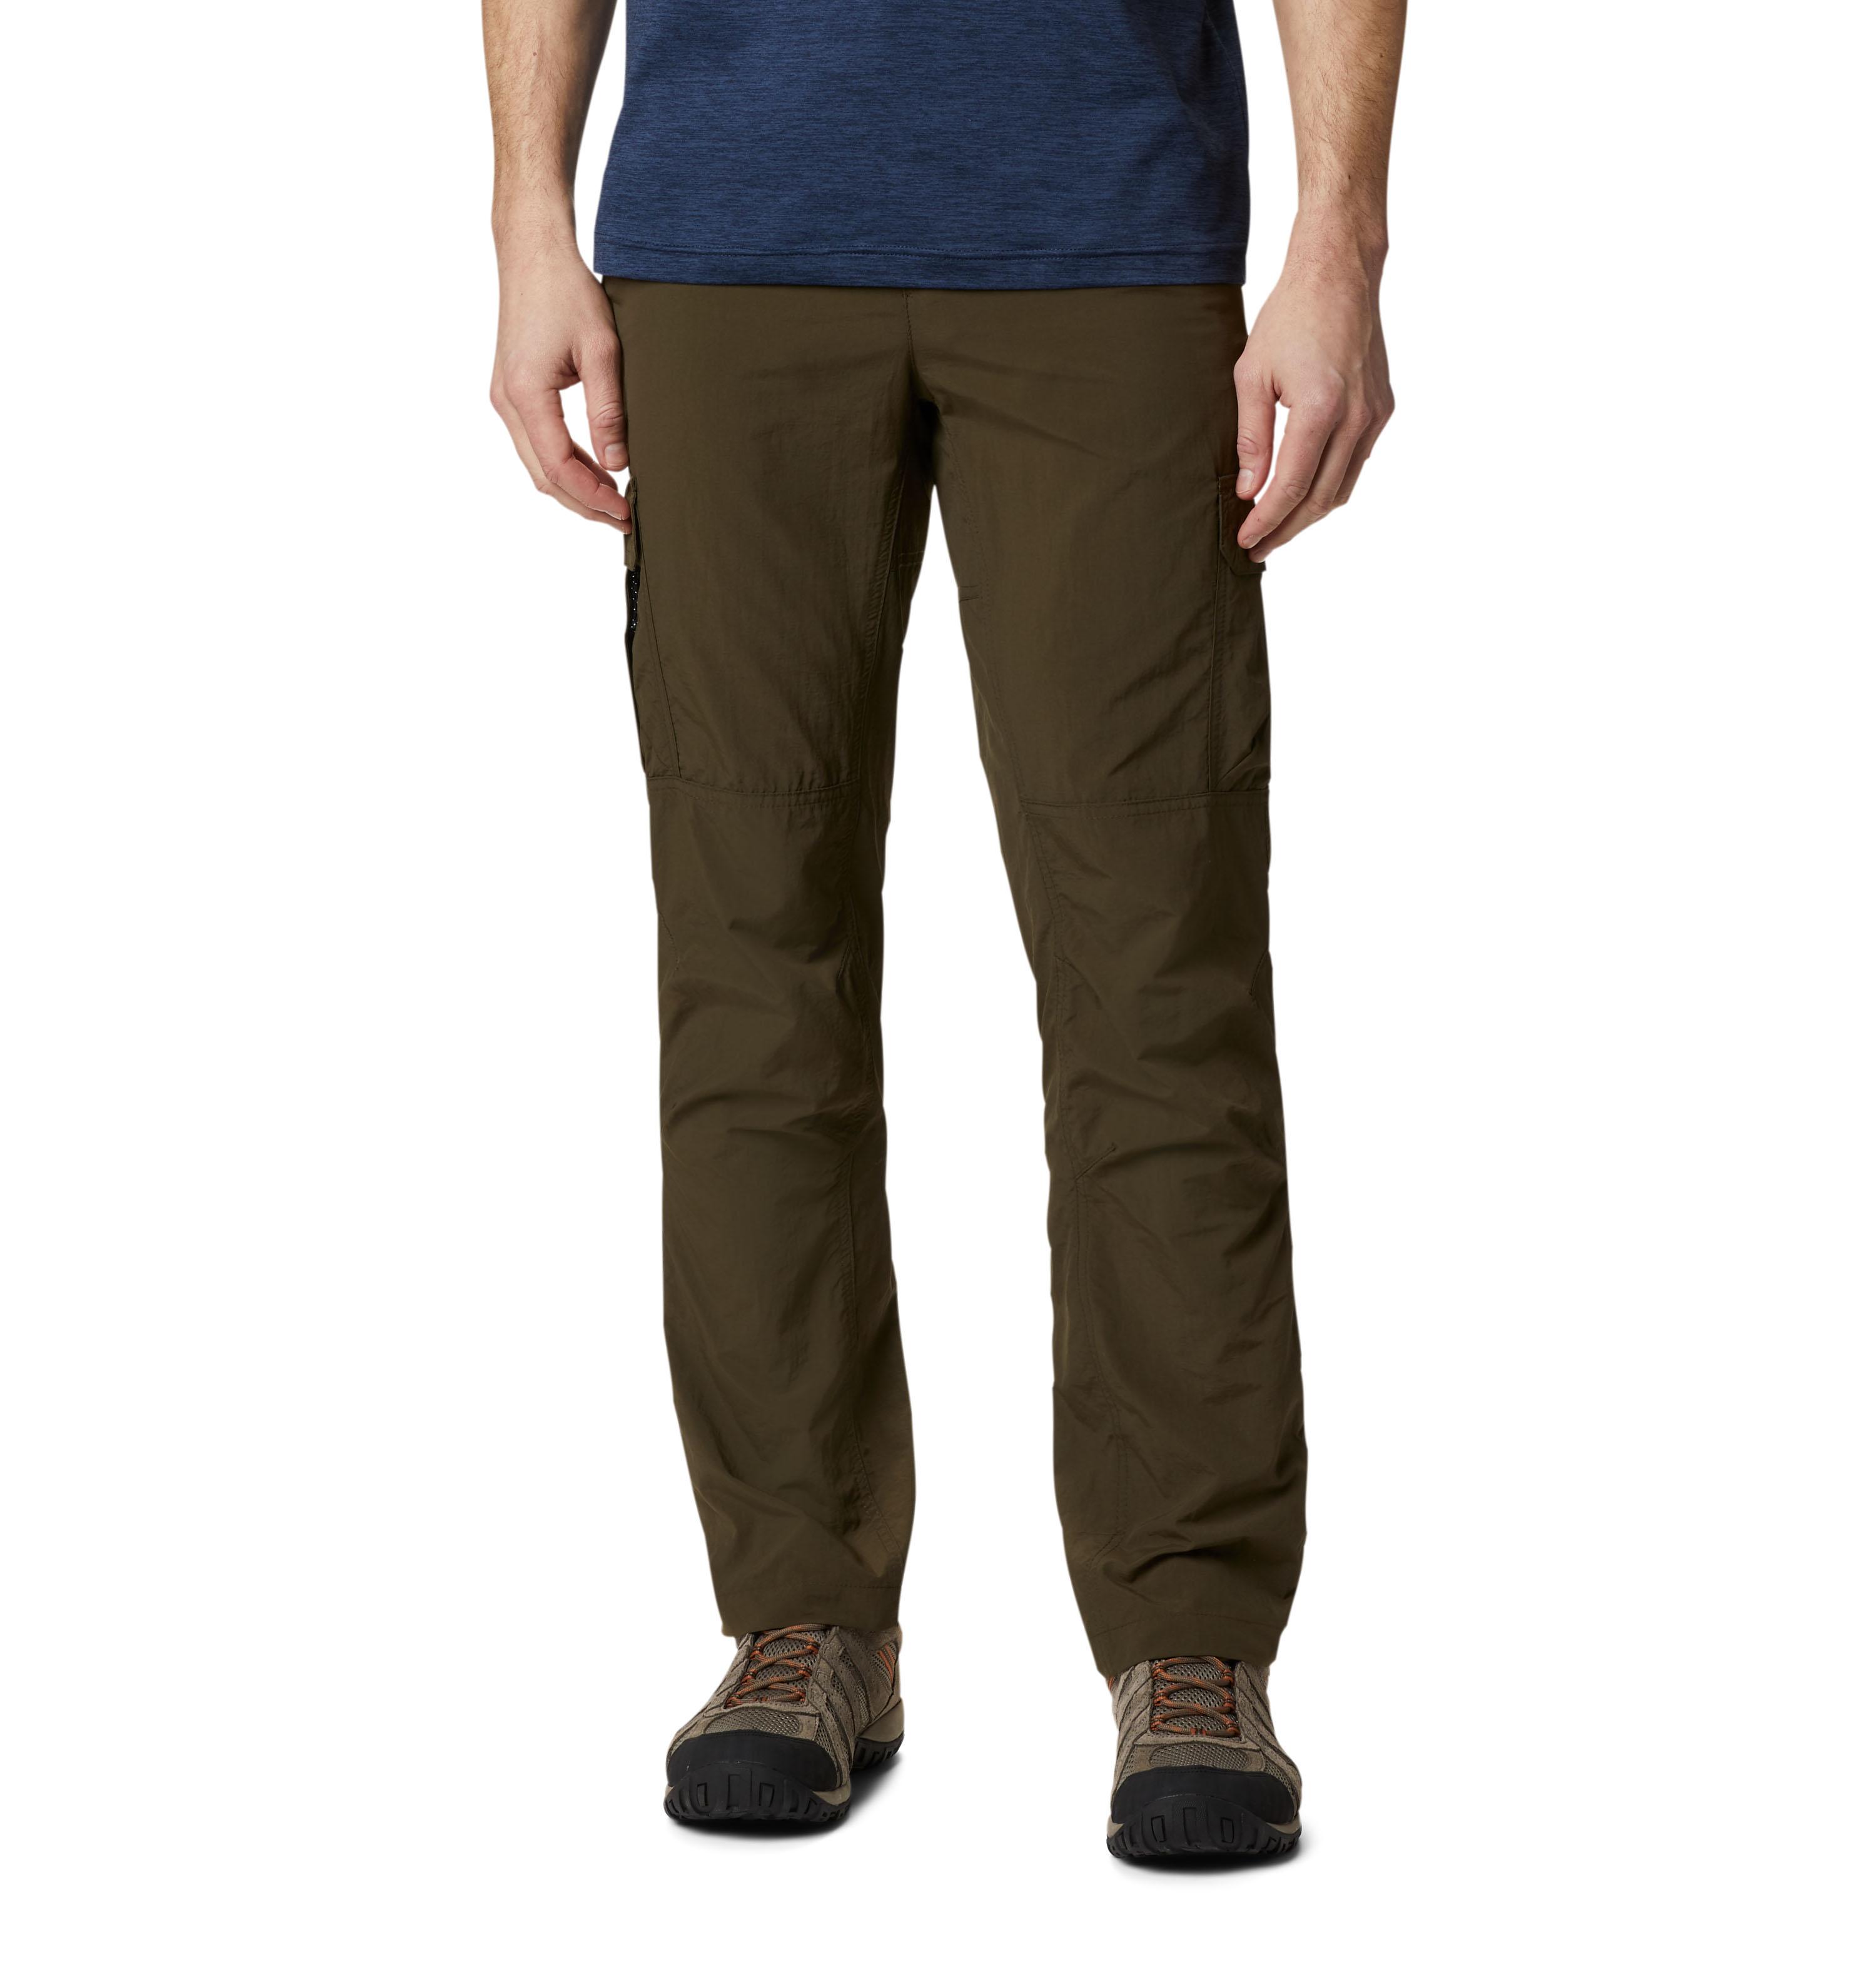 Comprar Columbia Silver Ridge II Cargo Green Pants / Omni-Wick / Omni-Shade